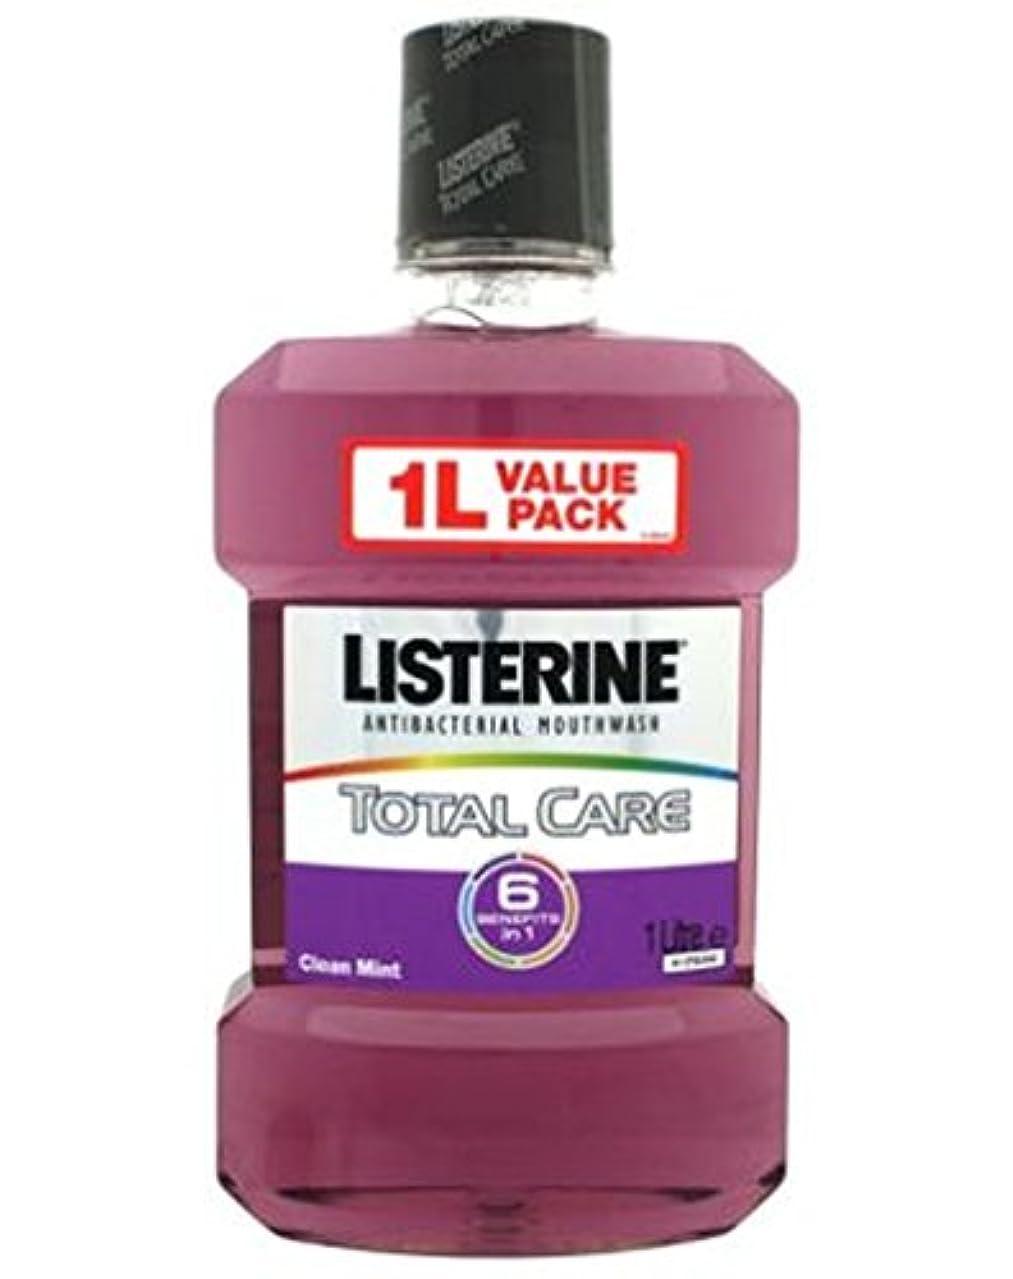 代数的マングル開発リステリン(LISTERINE) トータルケアマウスウォッシュ1リットル[並行輸入品]